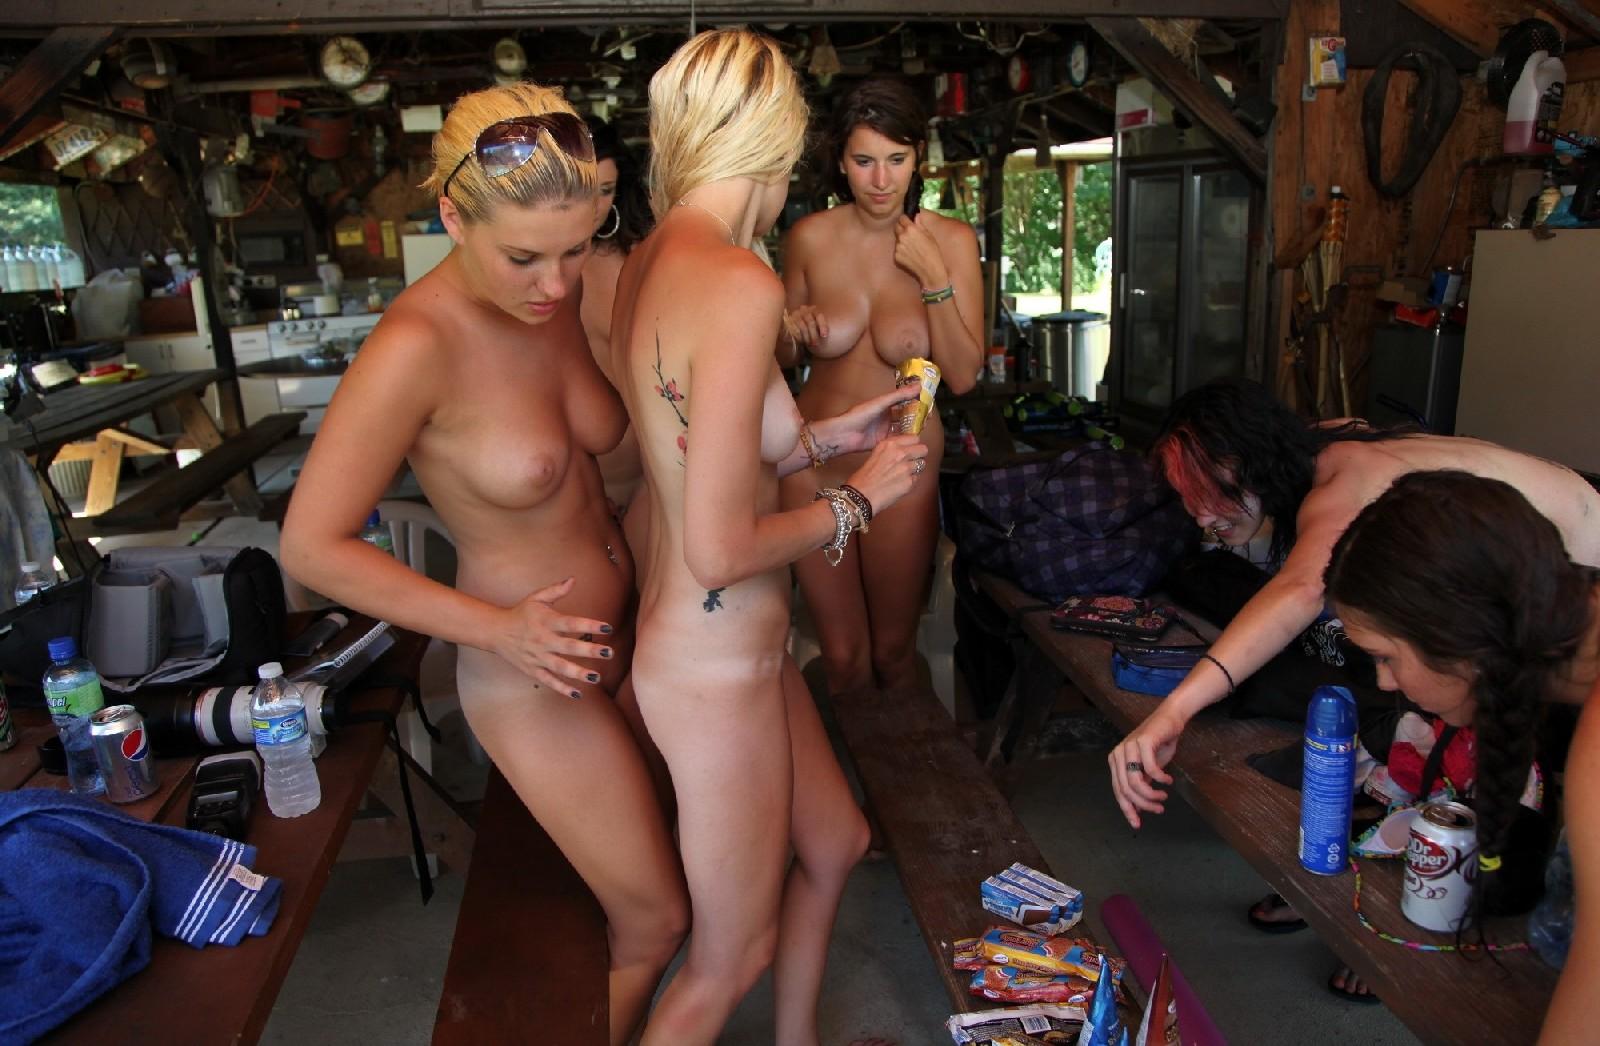 Подружки отдыхают голышом и совершенно не обращают ни на кого внимания - им стесняться нечего